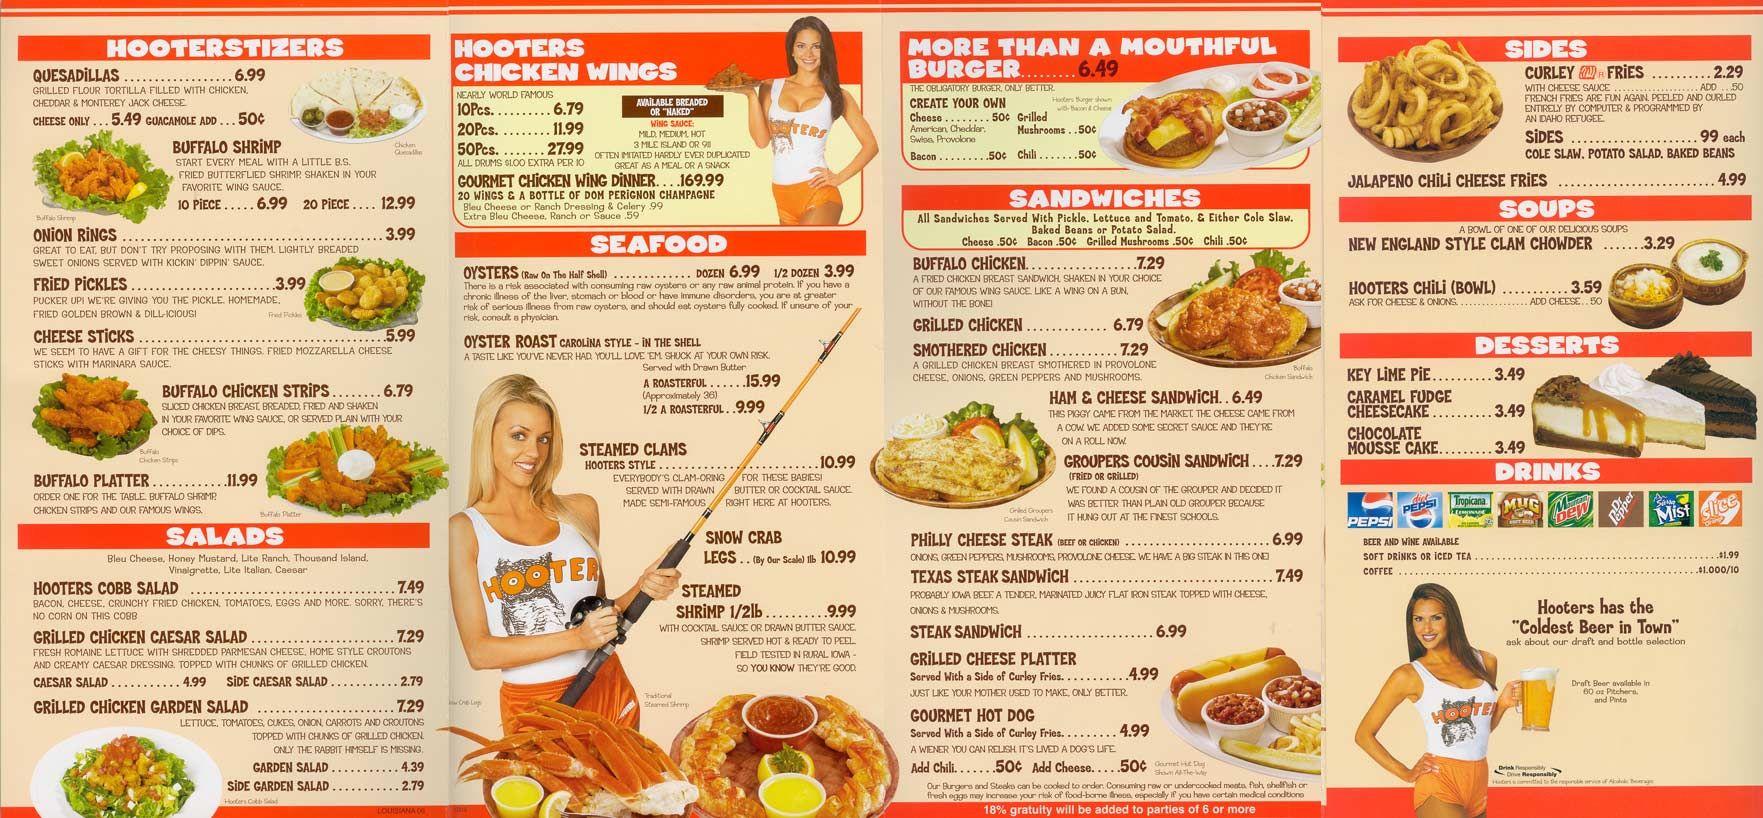 Hooters_menu